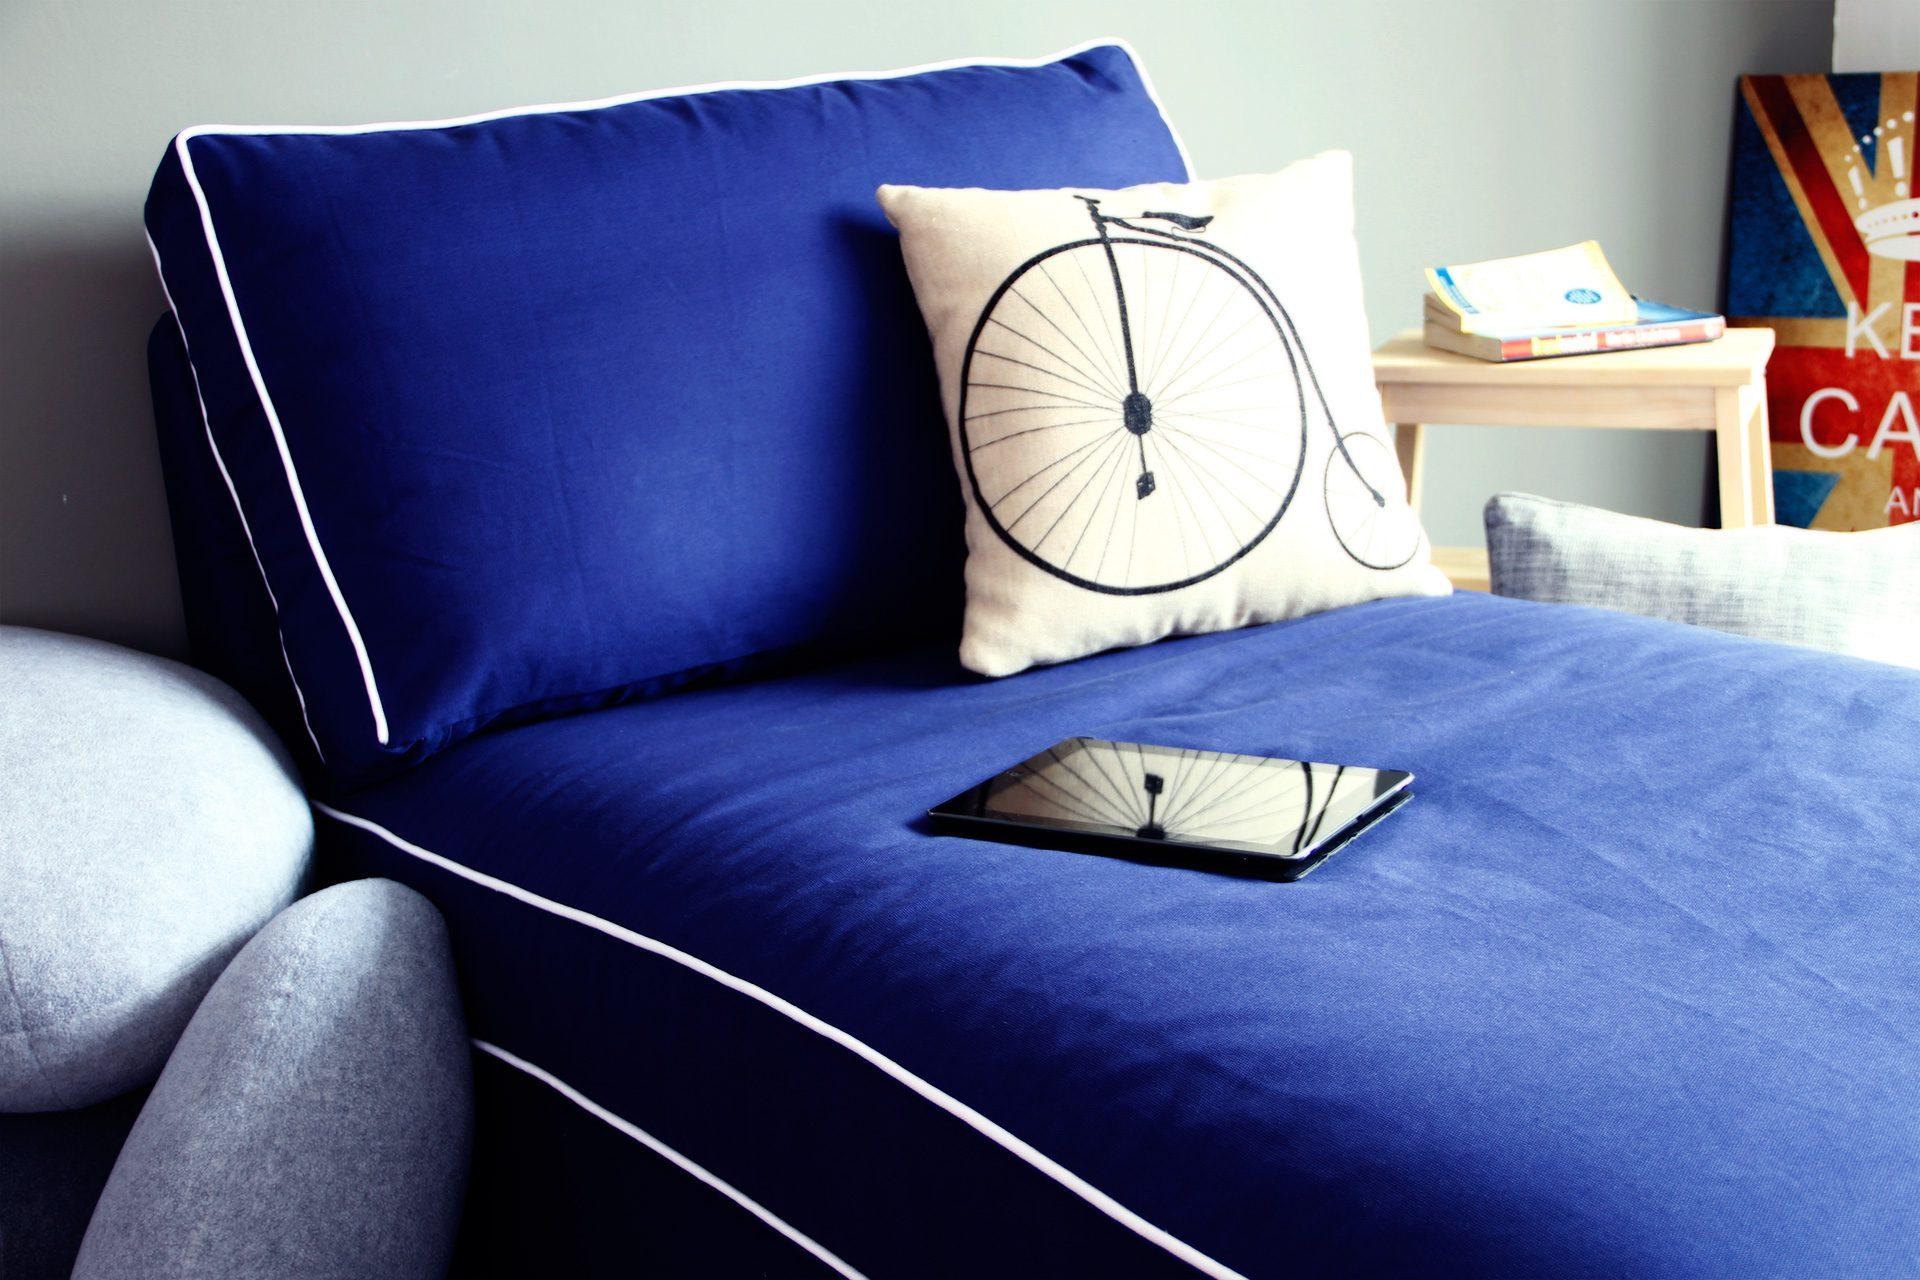 Los 5 mejores Chaise Lounges de IKEA - Puntuados tras probarlos con una siesta